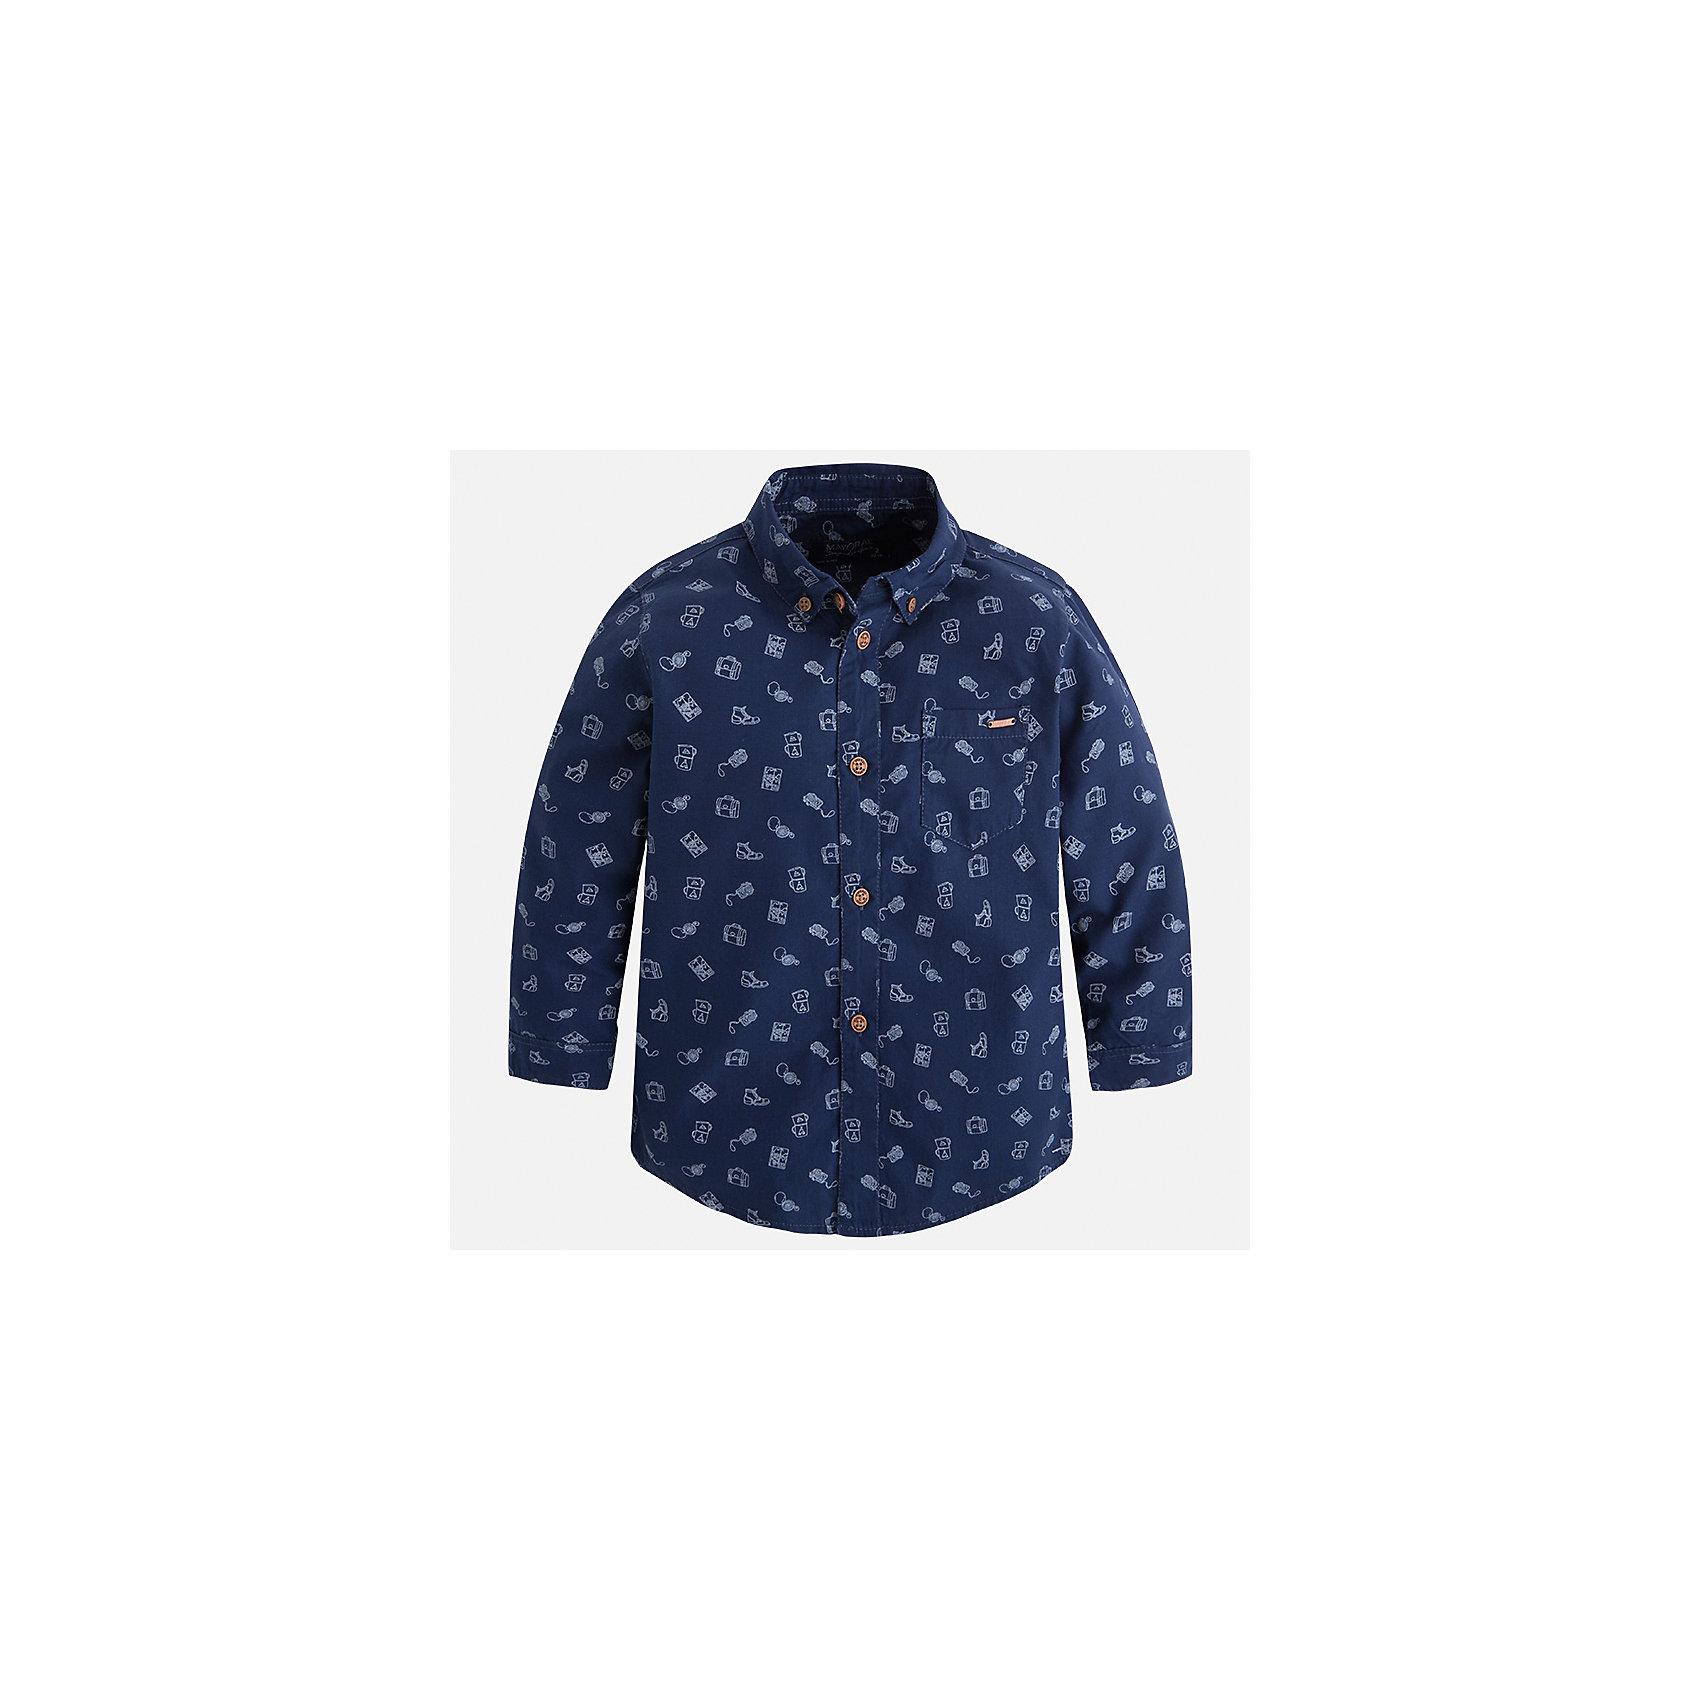 Рубашка Mayoral для мальчикаБлузки и рубашки<br>Характеристики товара:<br><br>• цвет: синий<br>• состав ткани: 100% хлопок<br>• сезон: демисезон<br>• особенности модели: школьная<br>• застежка: пуговицы<br>• длинные рукава<br>• страна бренда: Испания<br>• страна изготовитель: Индия<br><br>Такая рубашка с длинным рукавом для мальчика от Майорал поможет обеспечить ребенку комфорт. Детская рубашка отличается стильным и продуманным дизайном. В рубашке для мальчика от испанской компании Майорал ребенок будет выглядеть модно, а чувствовать себя - комфортно. <br><br>Рубашку для мальчика Mayoral (Майорал) можно купить в нашем интернет-магазине.<br><br>Ширина мм: 174<br>Глубина мм: 10<br>Высота мм: 169<br>Вес г: 157<br>Цвет: синий<br>Возраст от месяцев: 96<br>Возраст до месяцев: 108<br>Пол: Мужской<br>Возраст: Детский<br>Размер: 134,92,98,104,110,116,122,128<br>SKU: 6934120